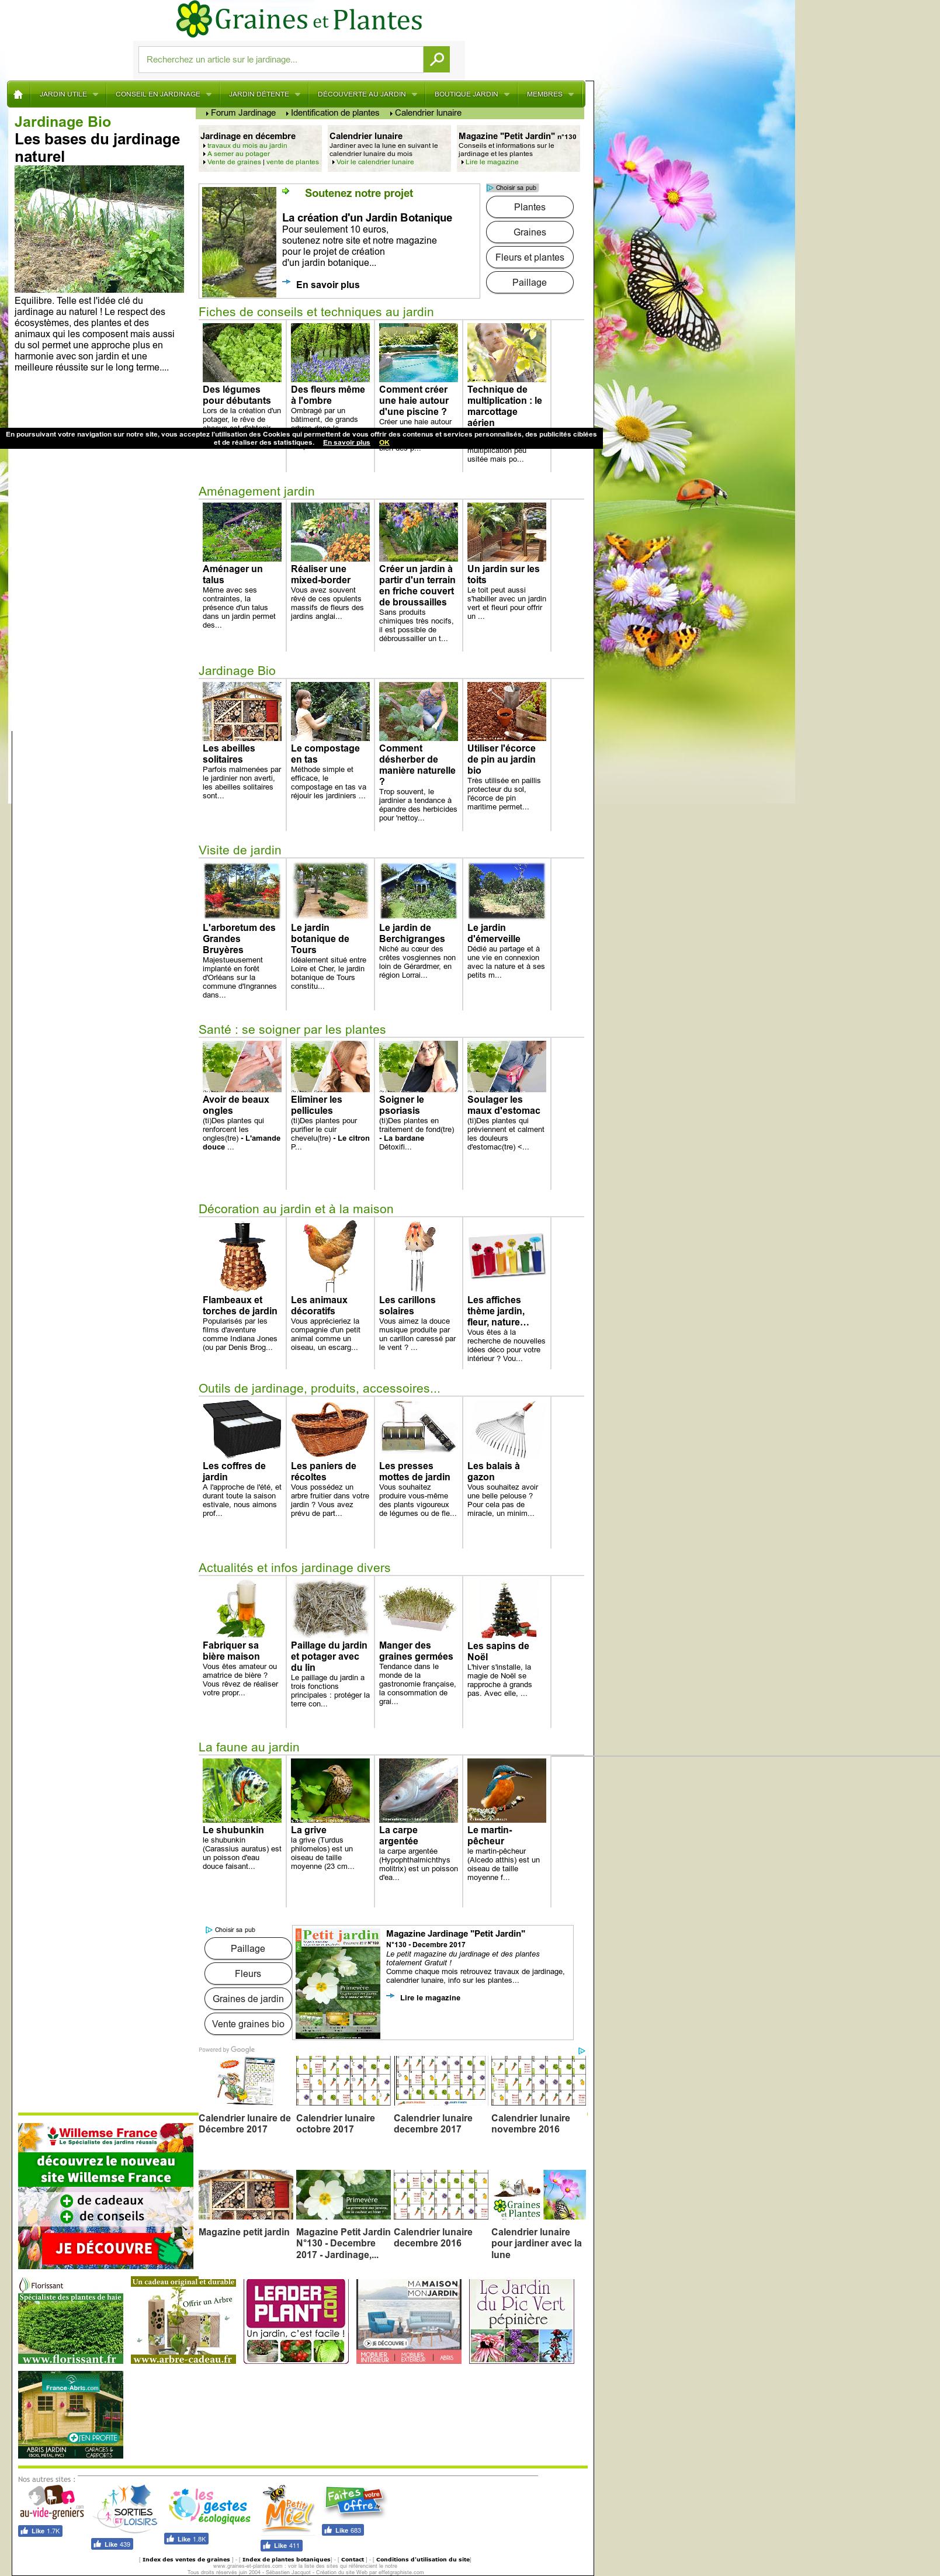 Calendrier Lunaire Graine Et Plantes.Graines Et Plantes Competitors Revenue And Employees